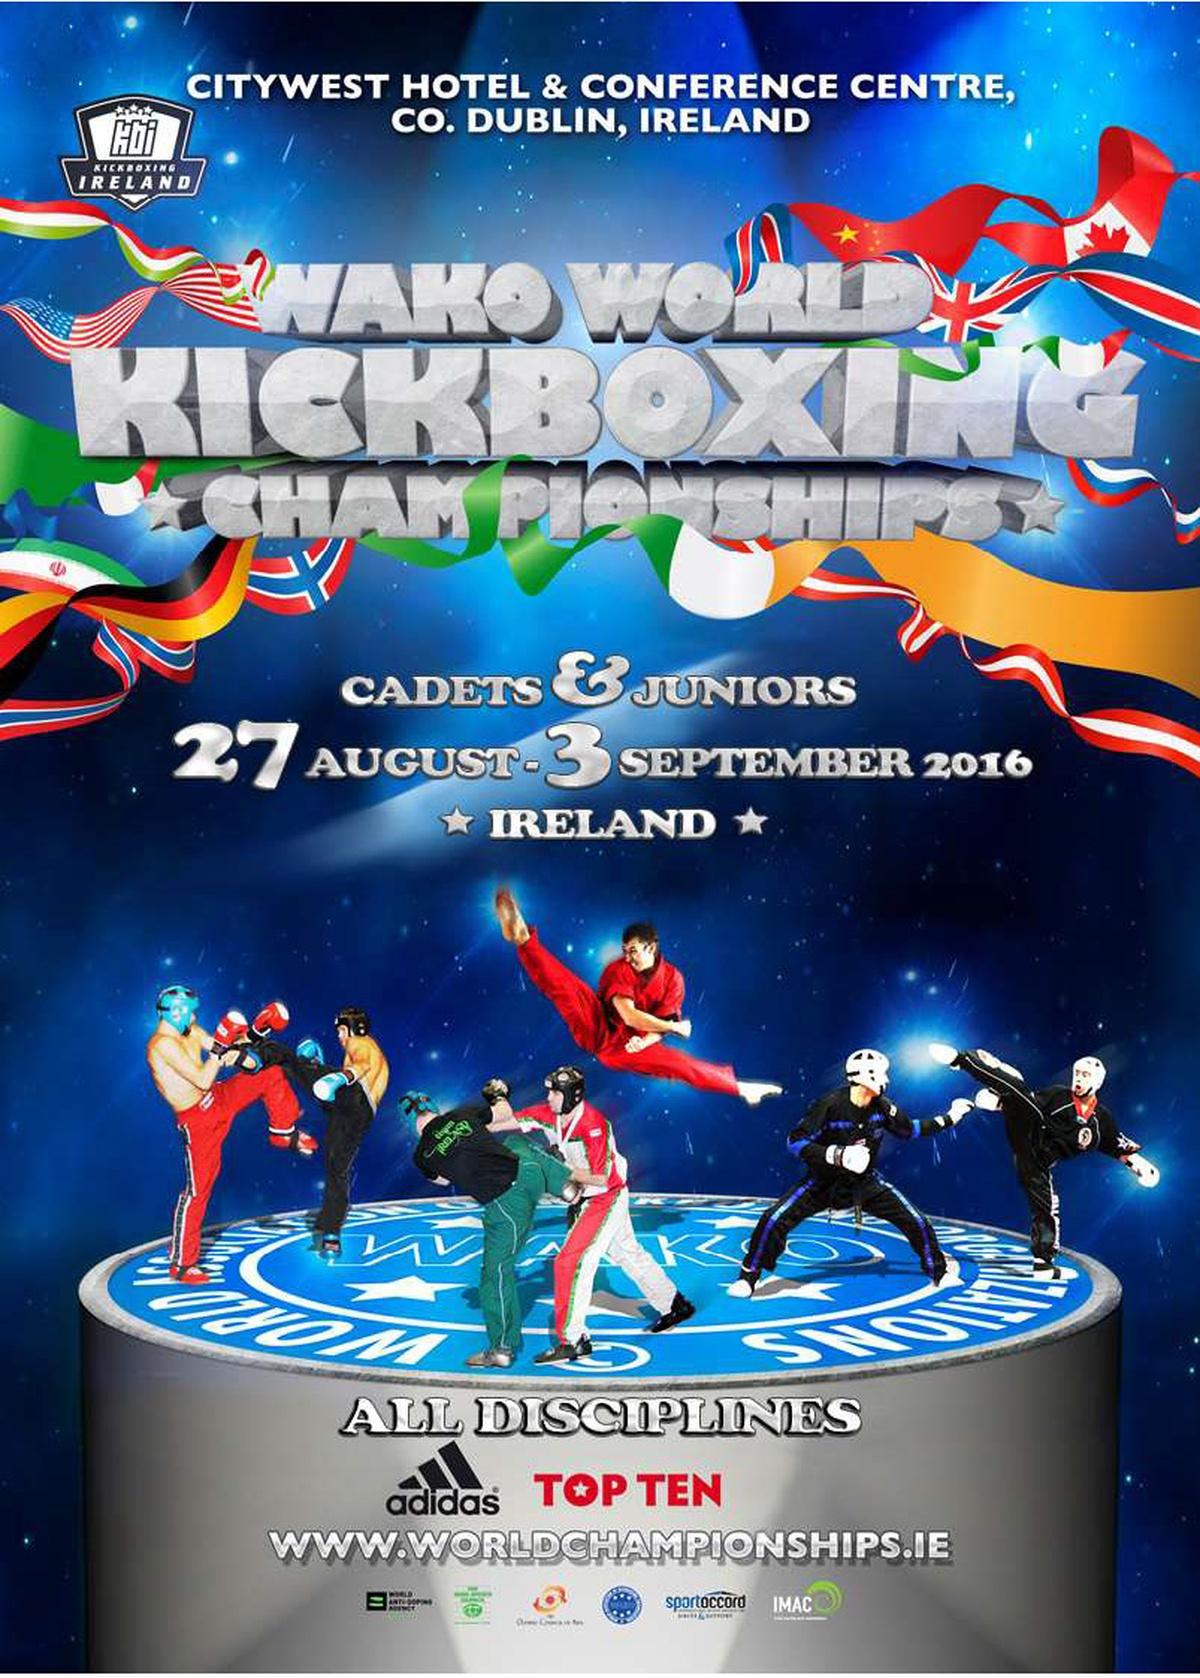 Mistrzostwa Świata wKickboxingu - Irlandia 2016